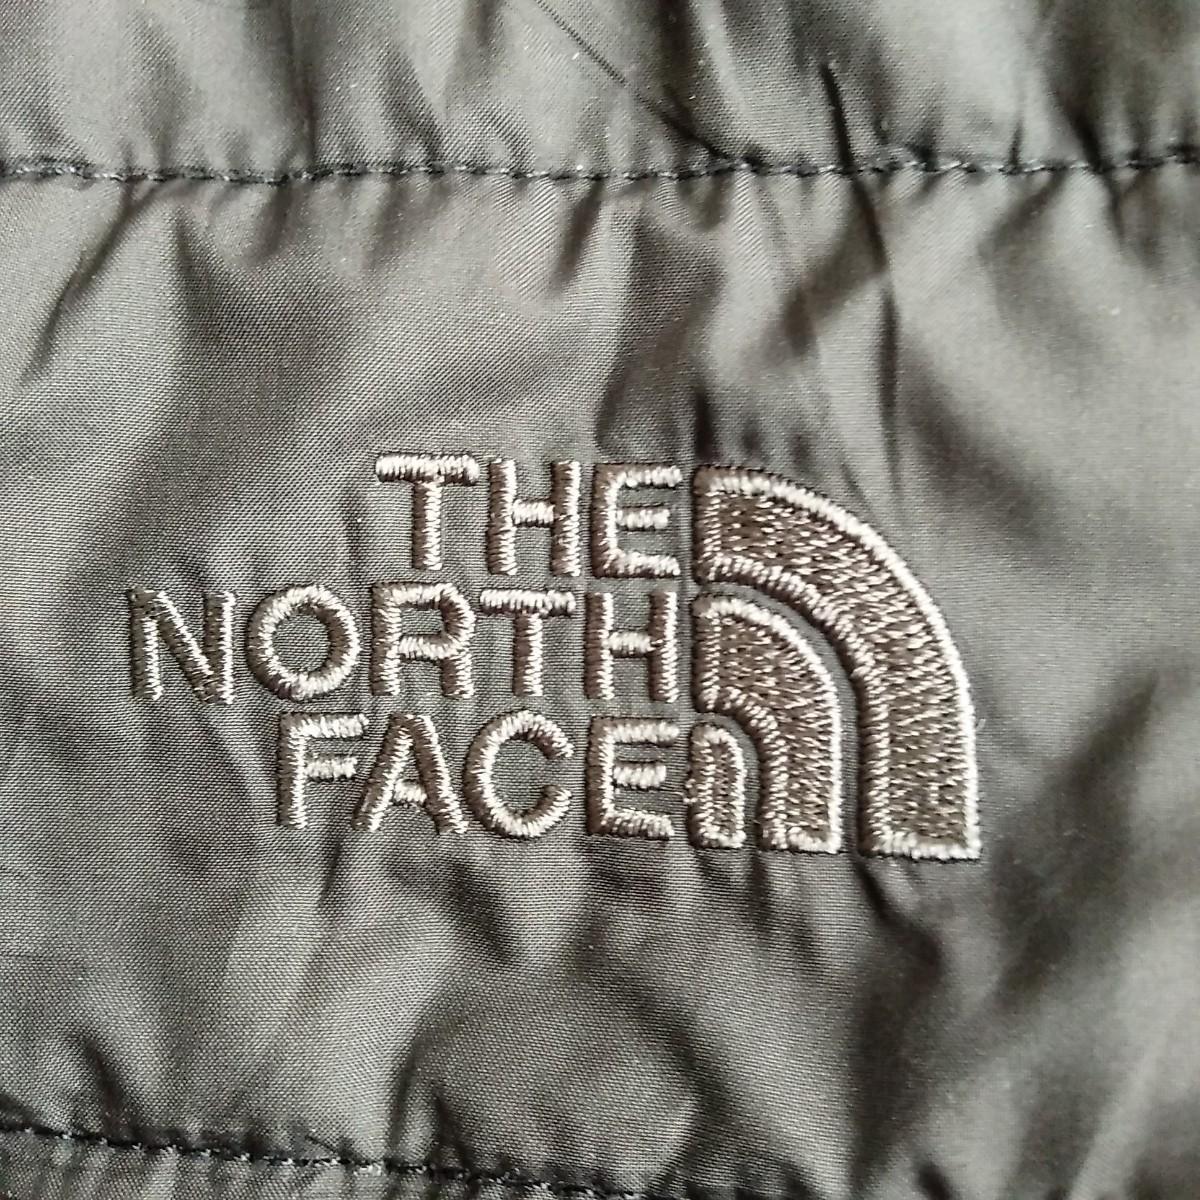 古着  THE NORTH FACE ノースフェイス ボーイズ  リバーシブル  ジャケット